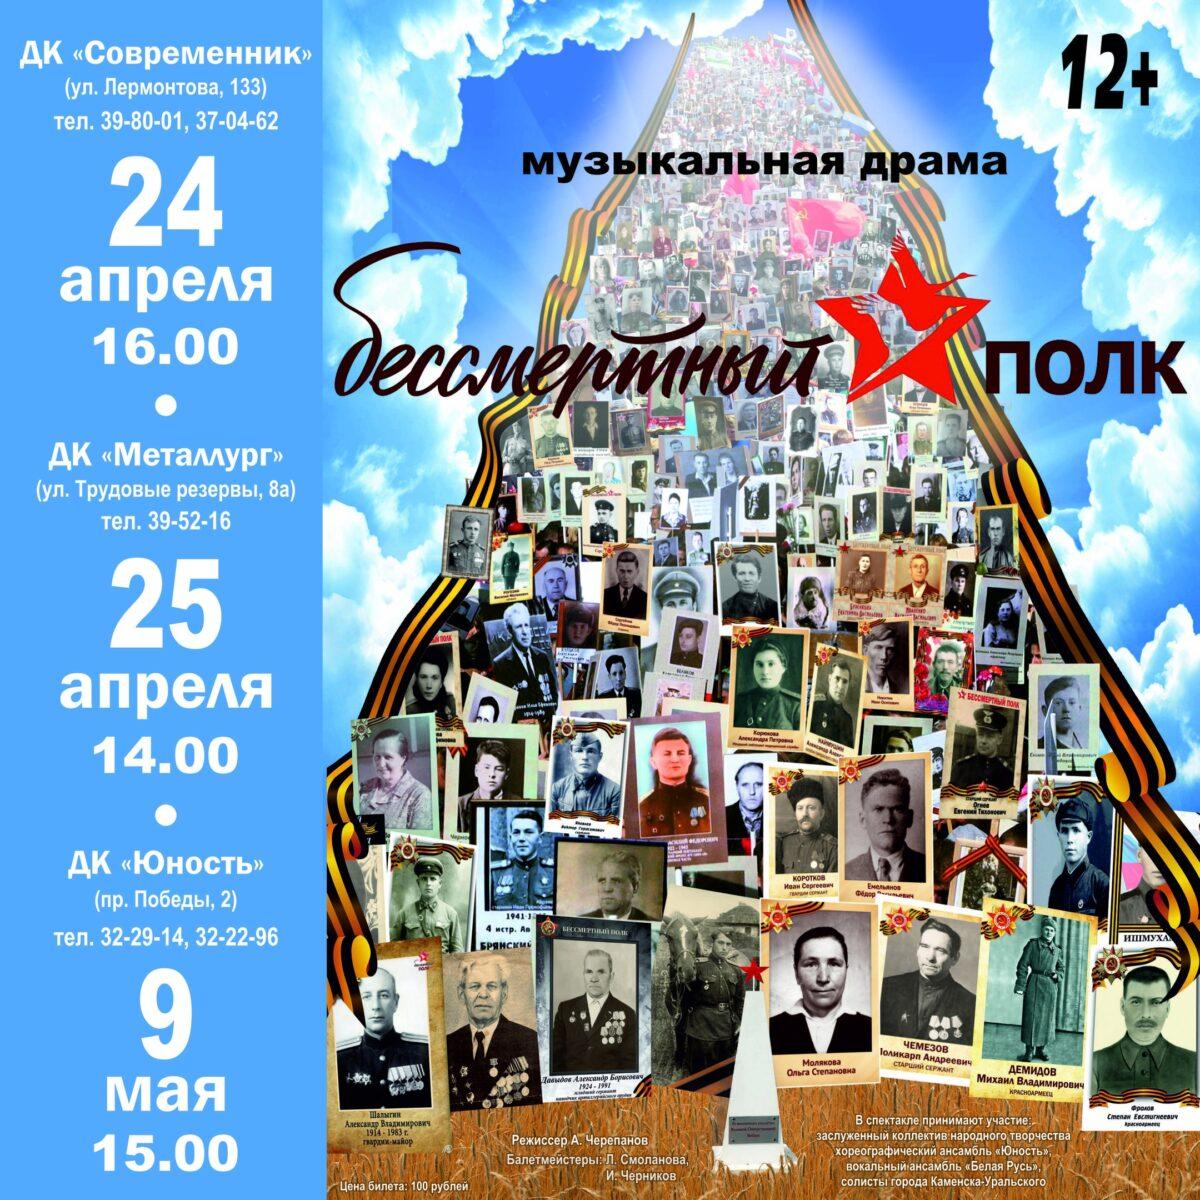 Приглашаем на спектакль «Бессмертный полк» (режиссер иерей Александр Черепанов)